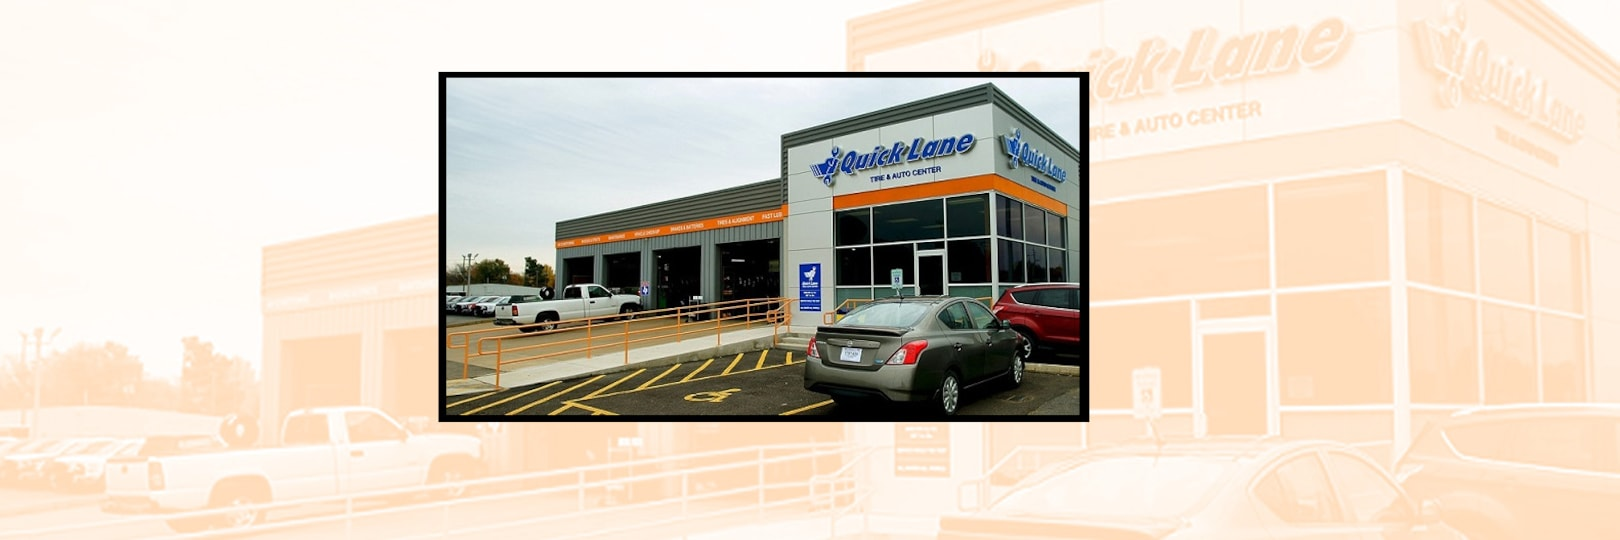 Mclarty Ford Texarkana >> McLarty Ford: Ford Dealership Texarkana TX | Near Ashdown